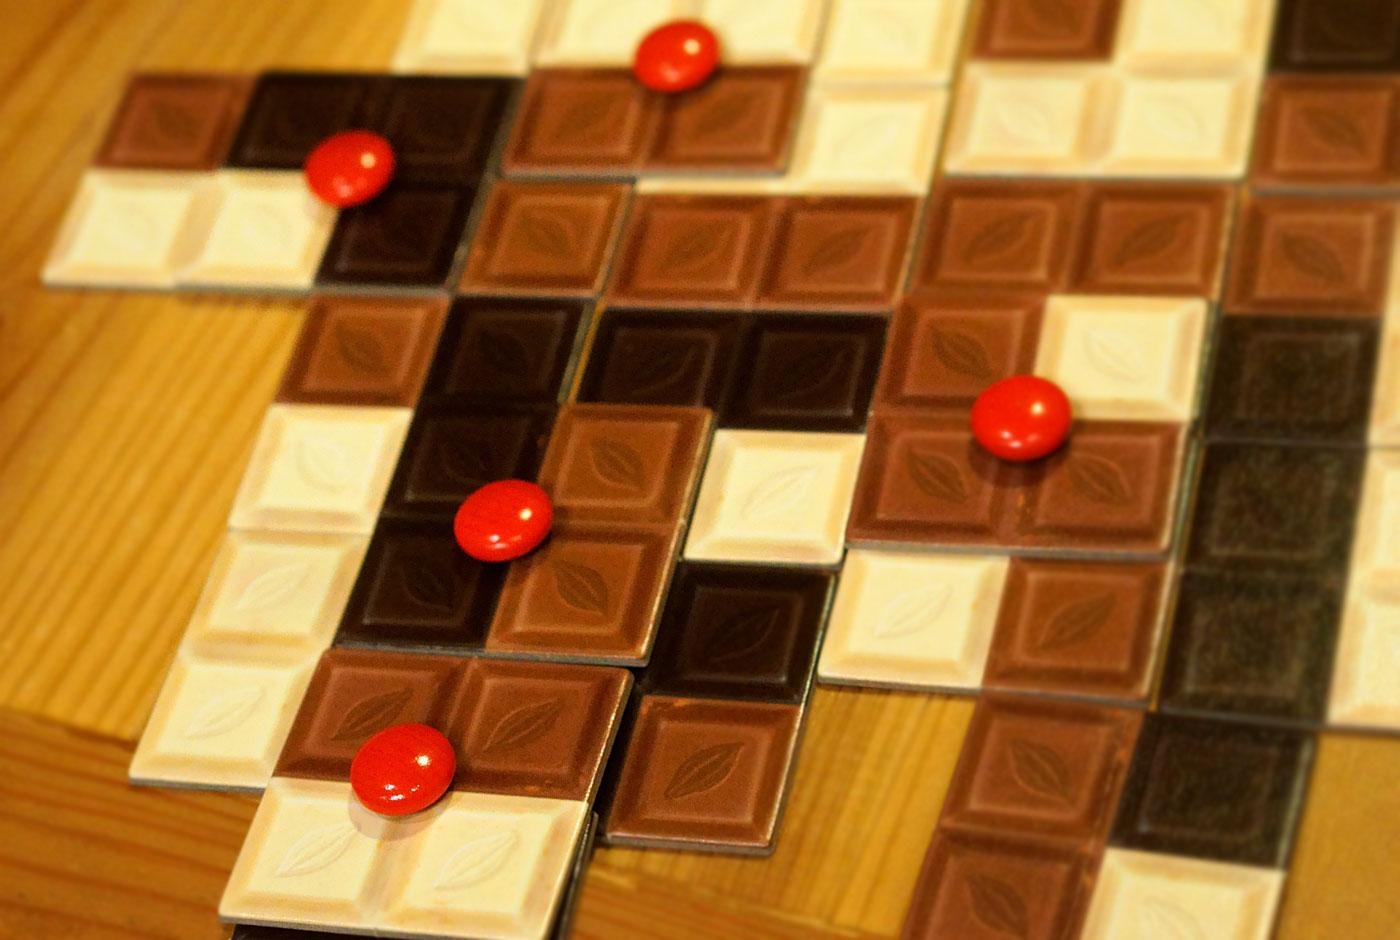 アナログゲーム ショコリー